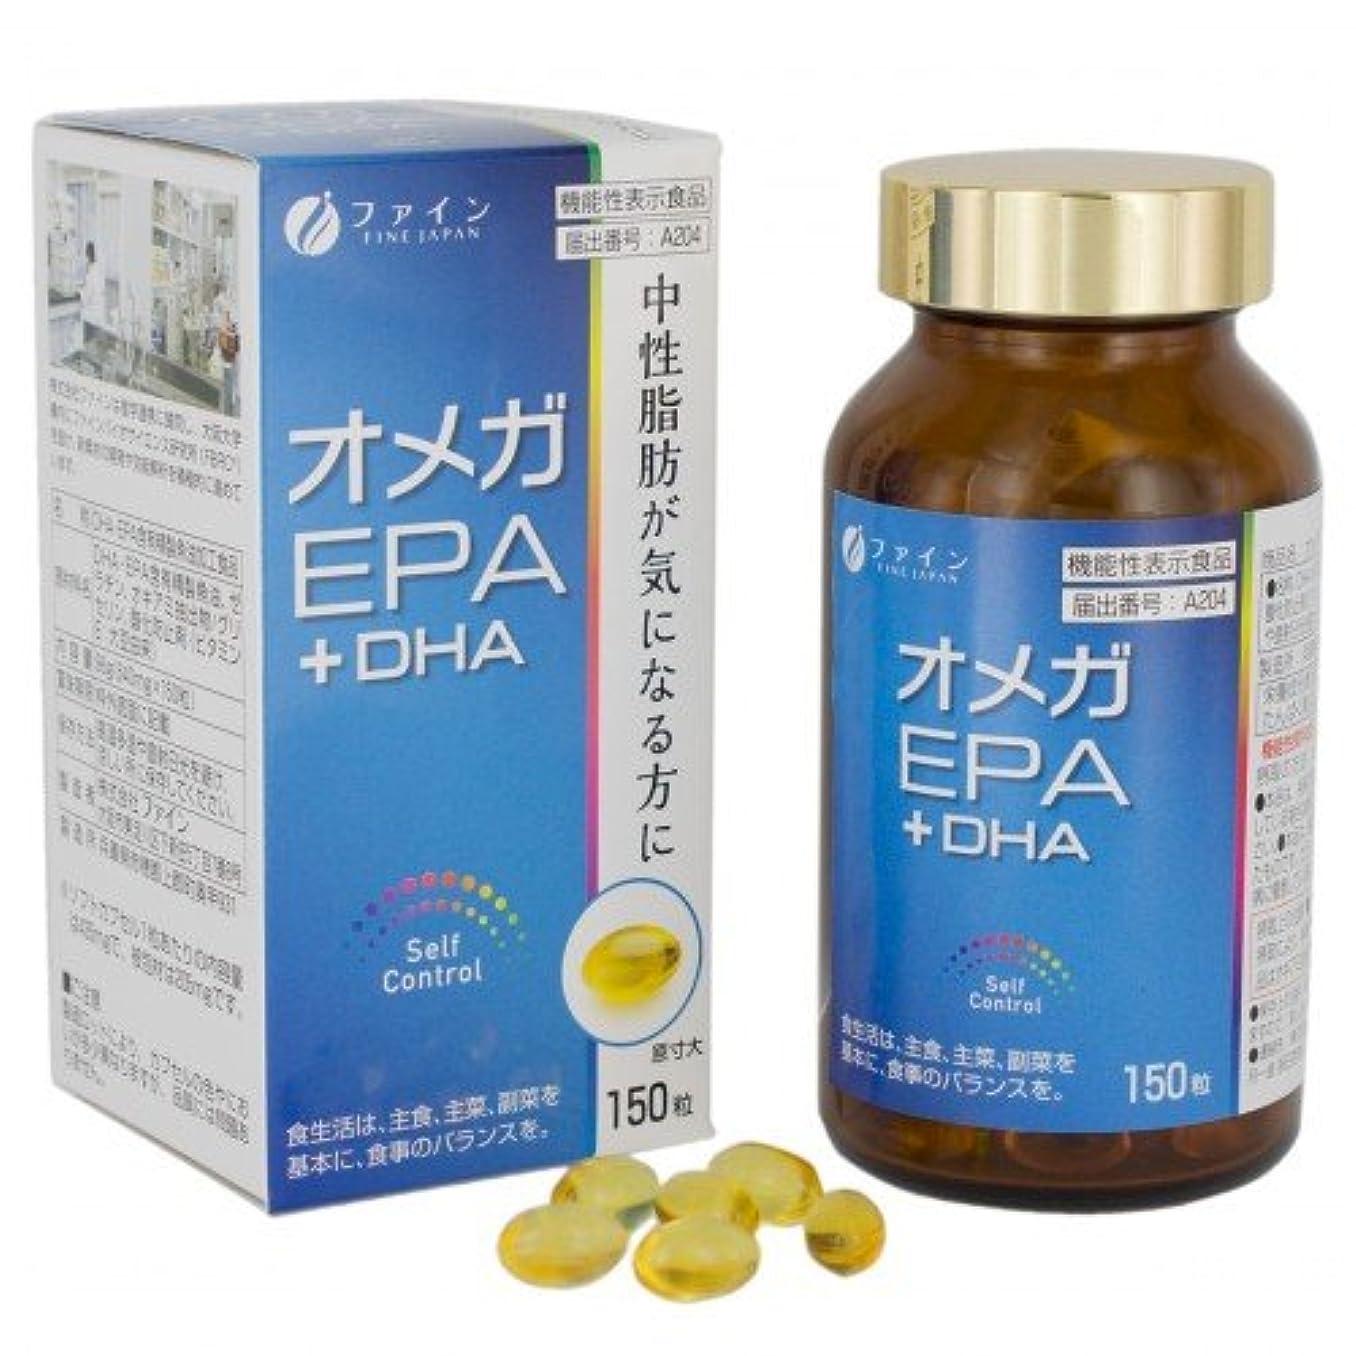 発送誰でもでるファイン 機能性表示食品 オメガEPA+DHA 150粒 中性脂肪が気になる方に